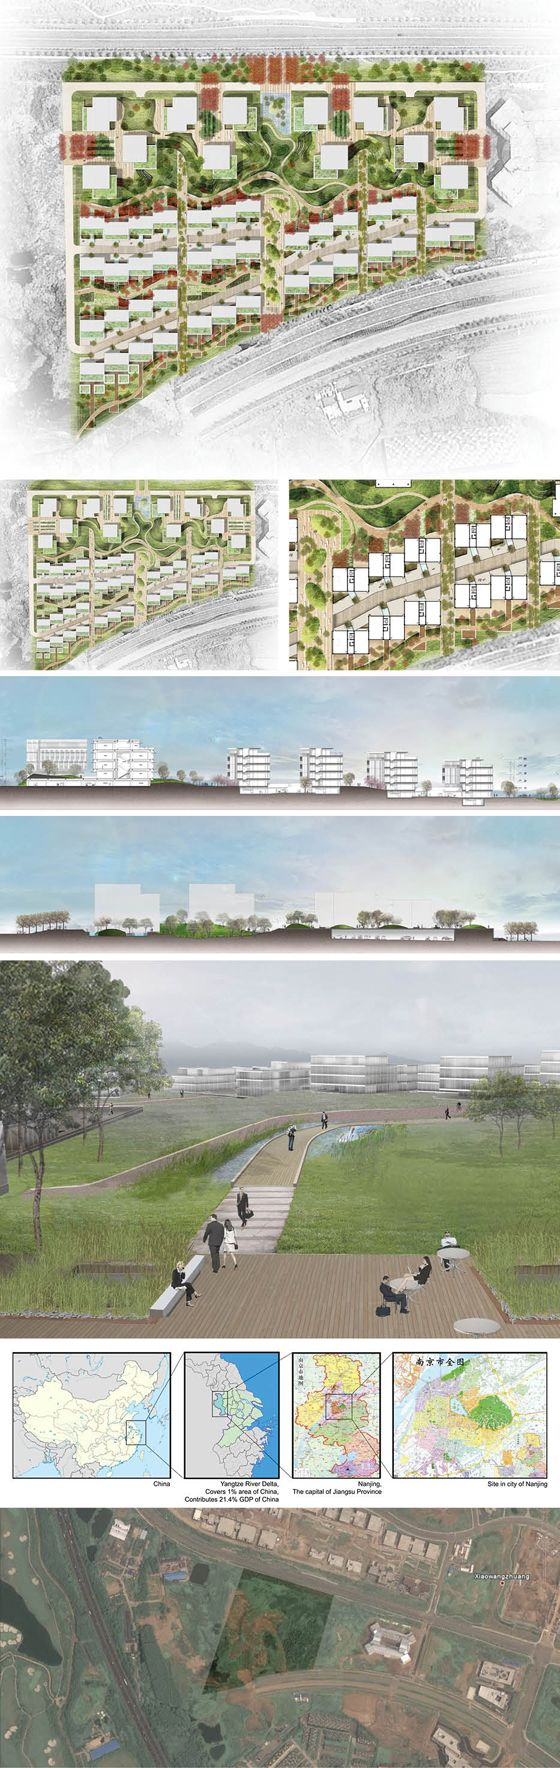 Architecture Design Boards